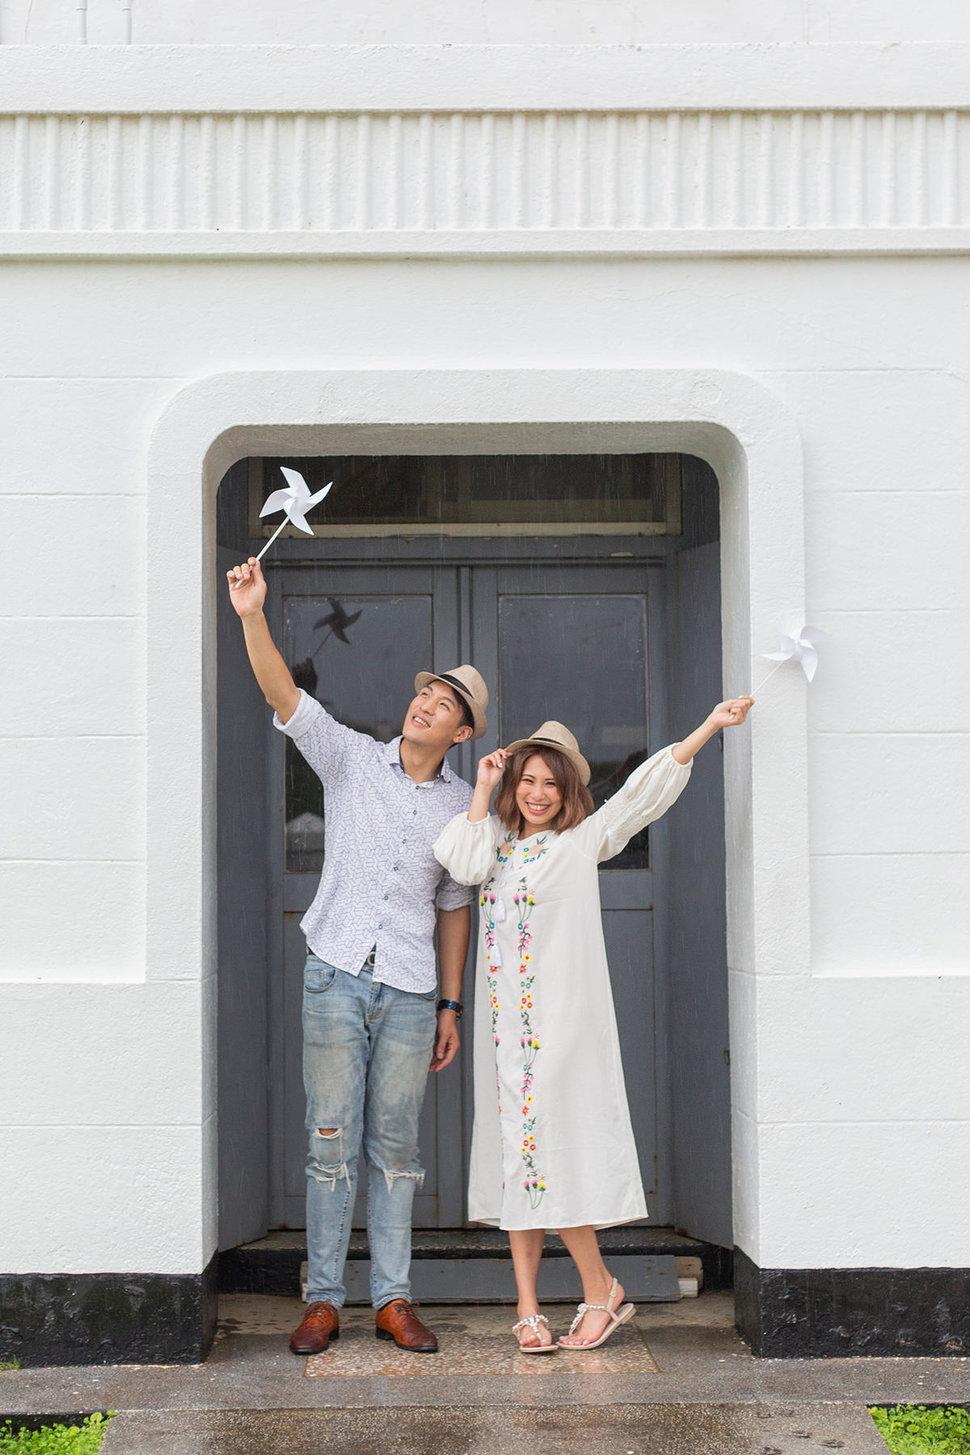 桔子&蝴蝶022 - 桔子&蝴蝶婚紗攝影工作室《結婚吧》